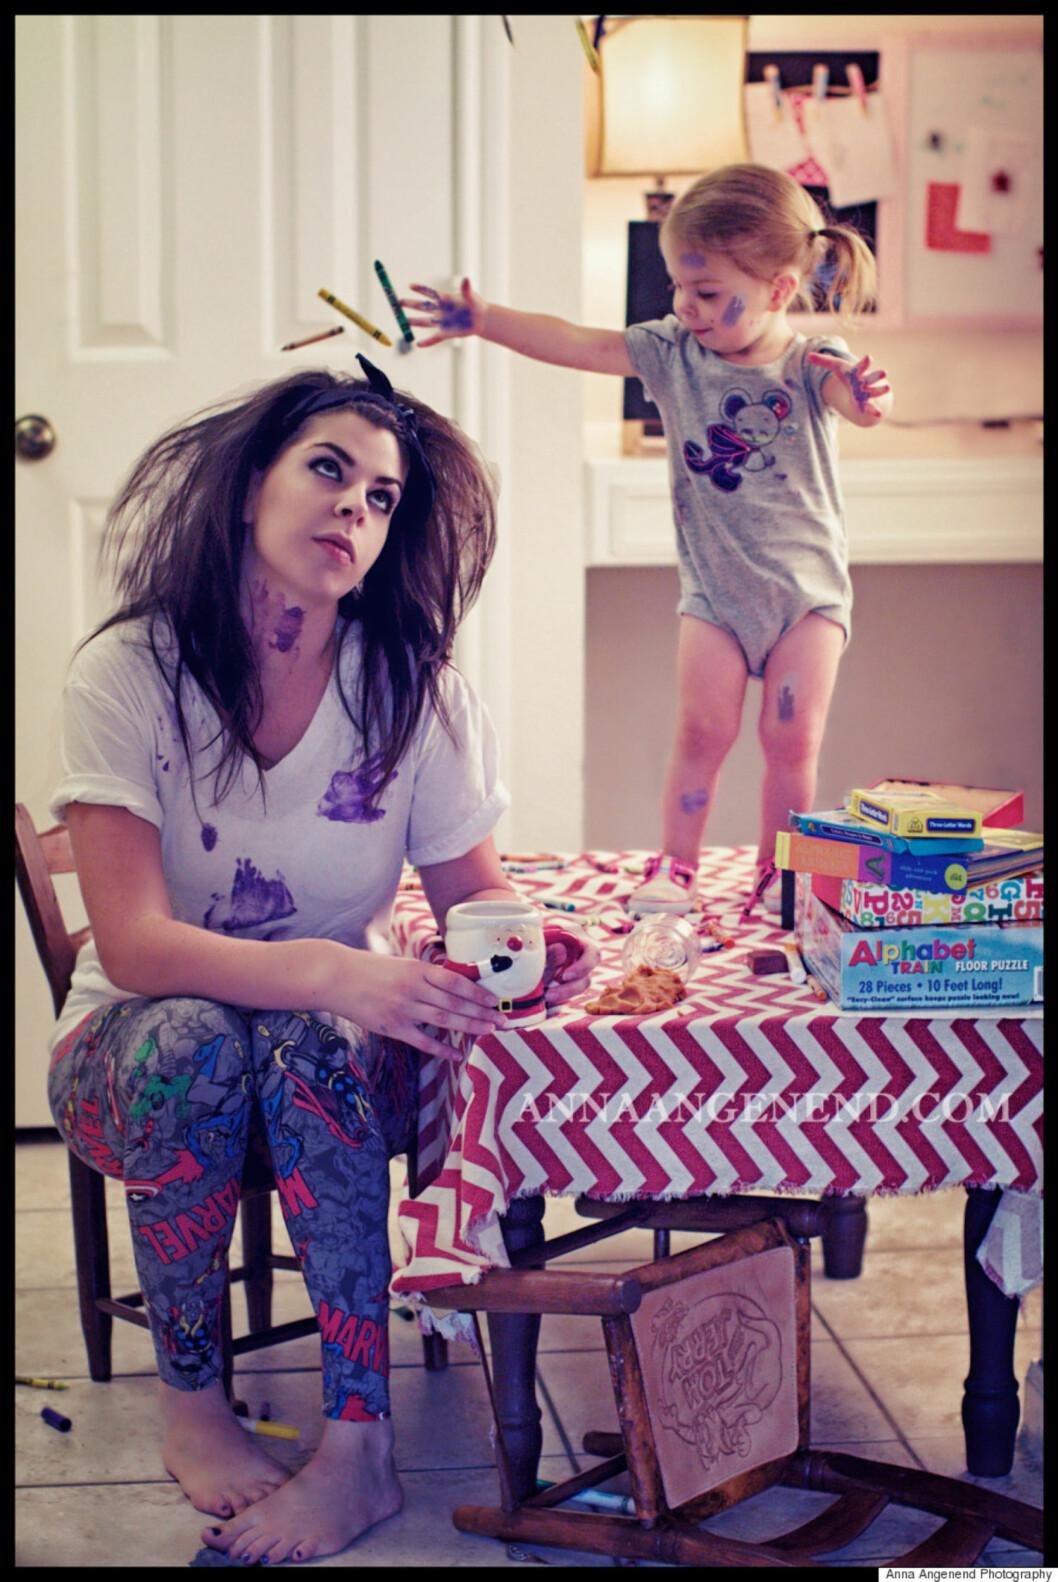 KREATIV MAMMA: Det kan fort bli mye rot når man skal lage noe sammen med de små, men det er verdt det, mener Anna. Foto: Anna Angenend Photography